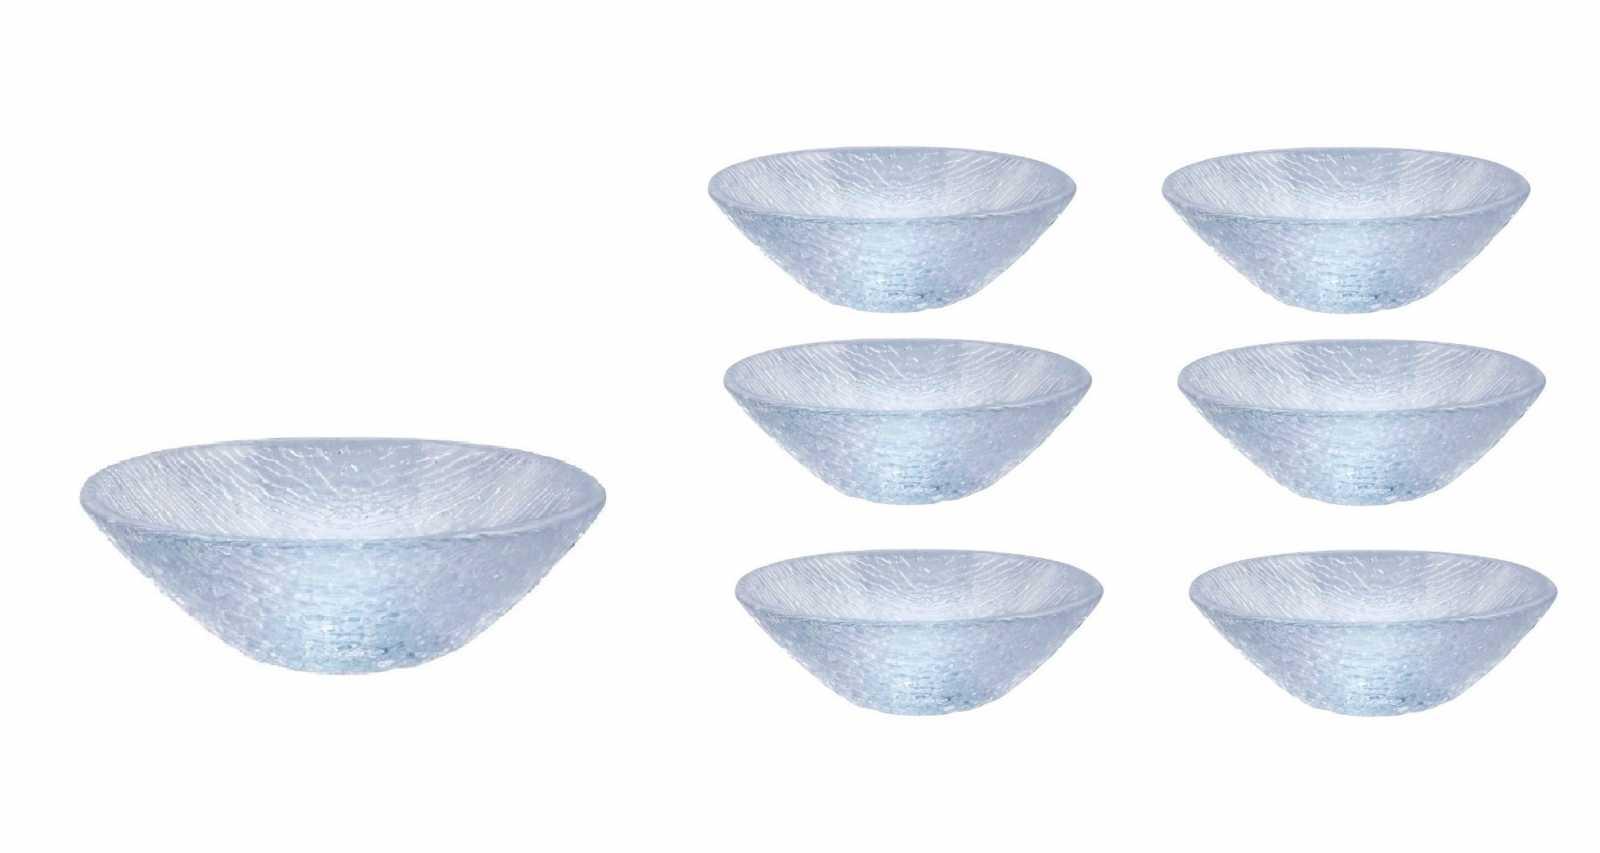 Онлайн каталог PROMENU: Набор: фруктовница и 6 пиал IVV, прозрачный, 7 предметов IVV 7857.1